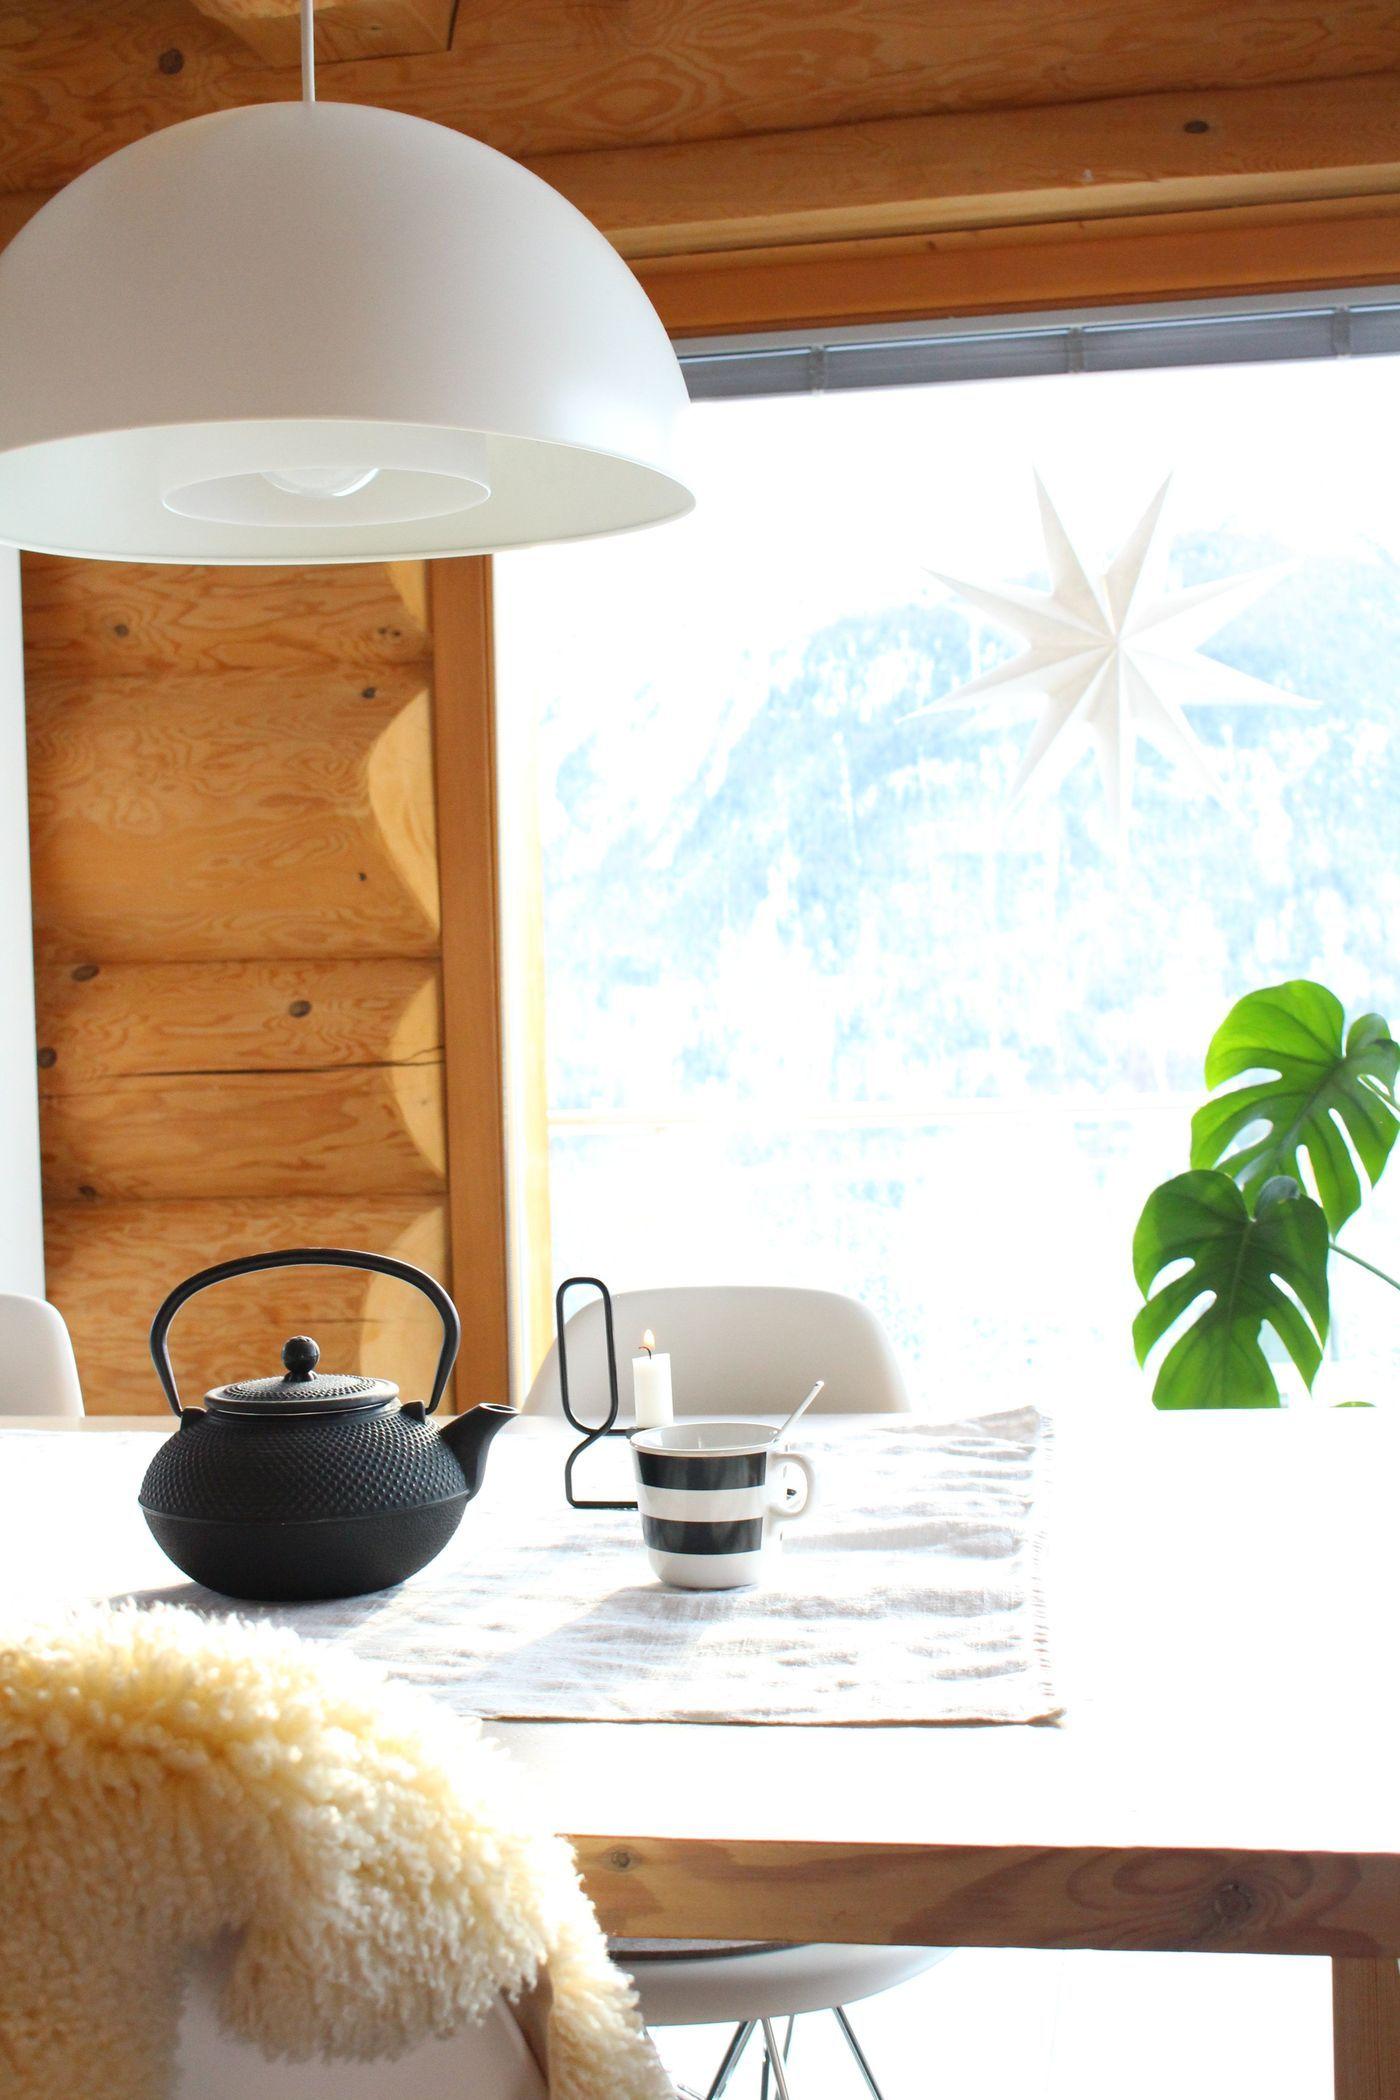 Full Size of Wohnzimmer Lampe Ikea Lampen Von Leuchten Decke Stehend Schnsten Ideen Mit Gardine Moderne Deckenleuchte Tapeten Hängeleuchte Küche Kosten Vitrine Weiß Wohnzimmer Wohnzimmer Lampe Ikea